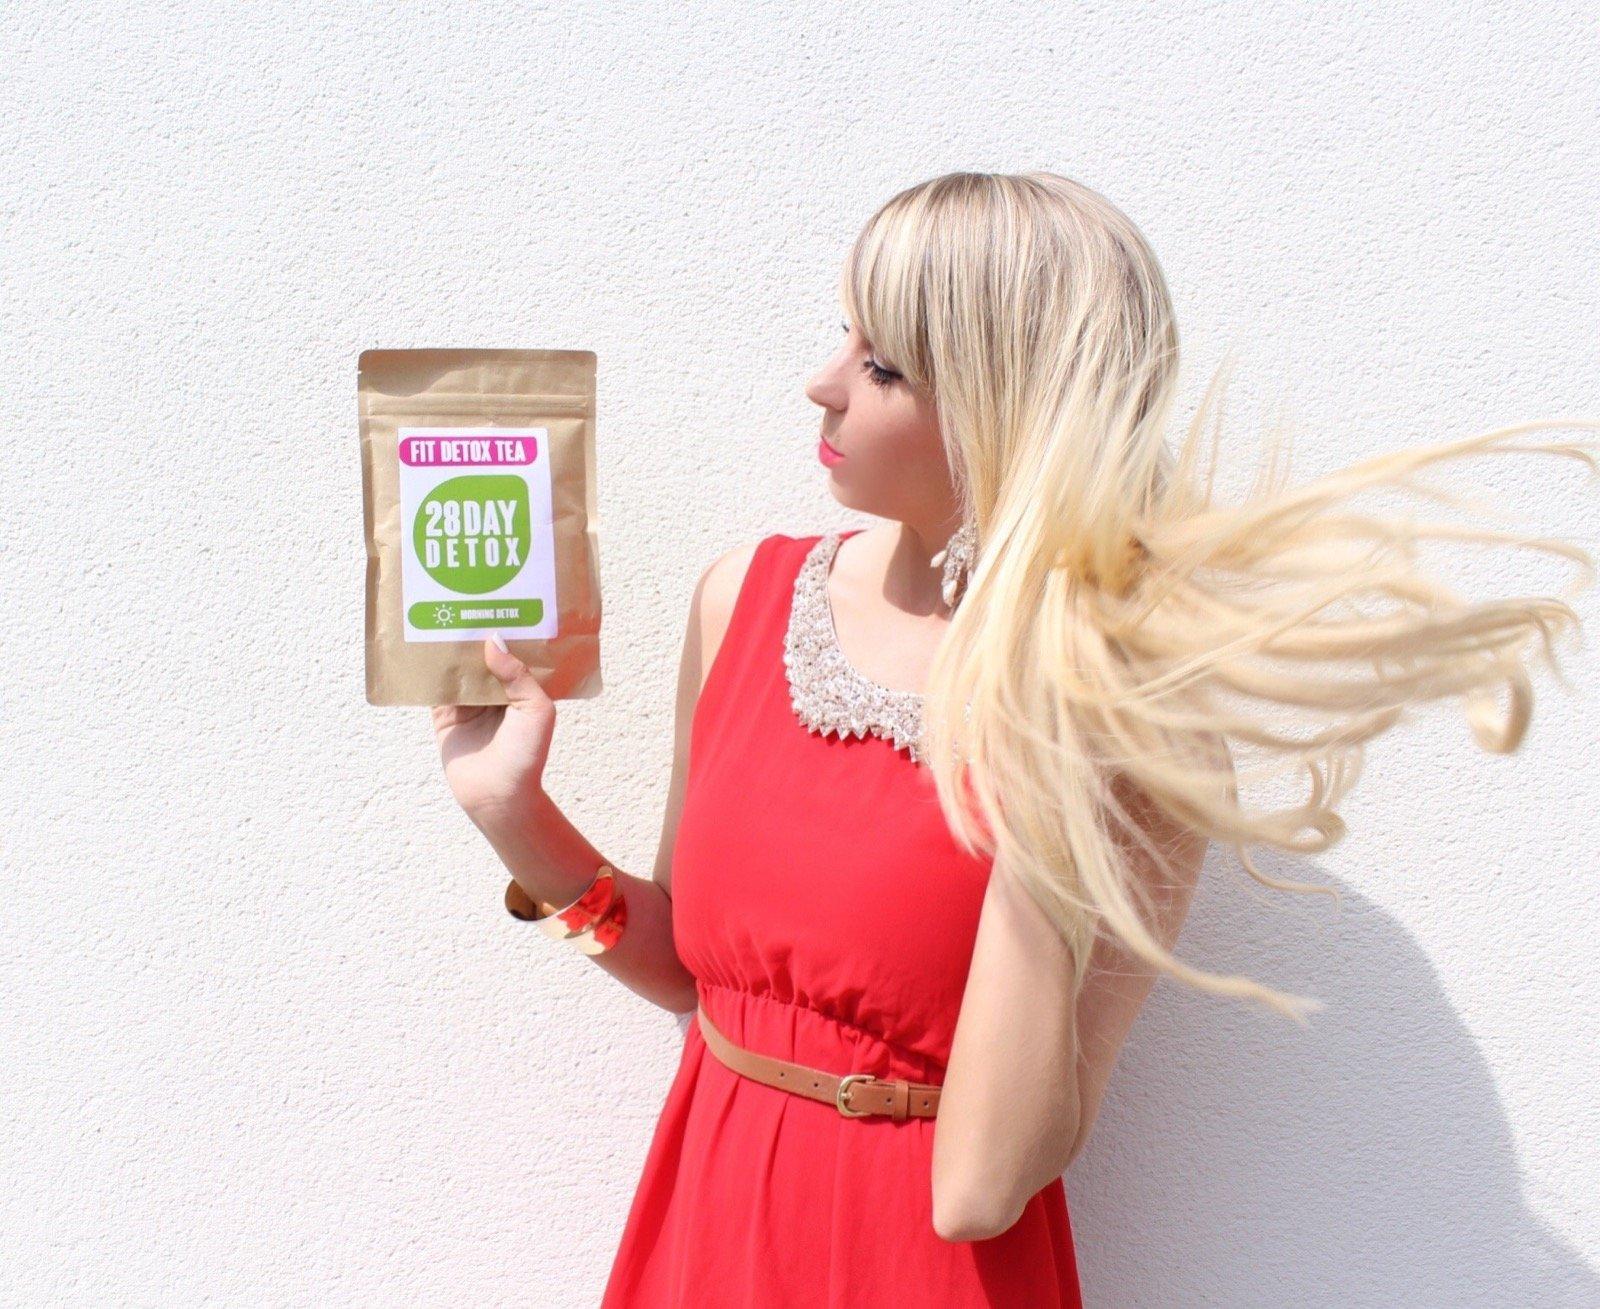 jennaminnie jenna minnie fashion blog fit detox tea teatox fitdetoxtea